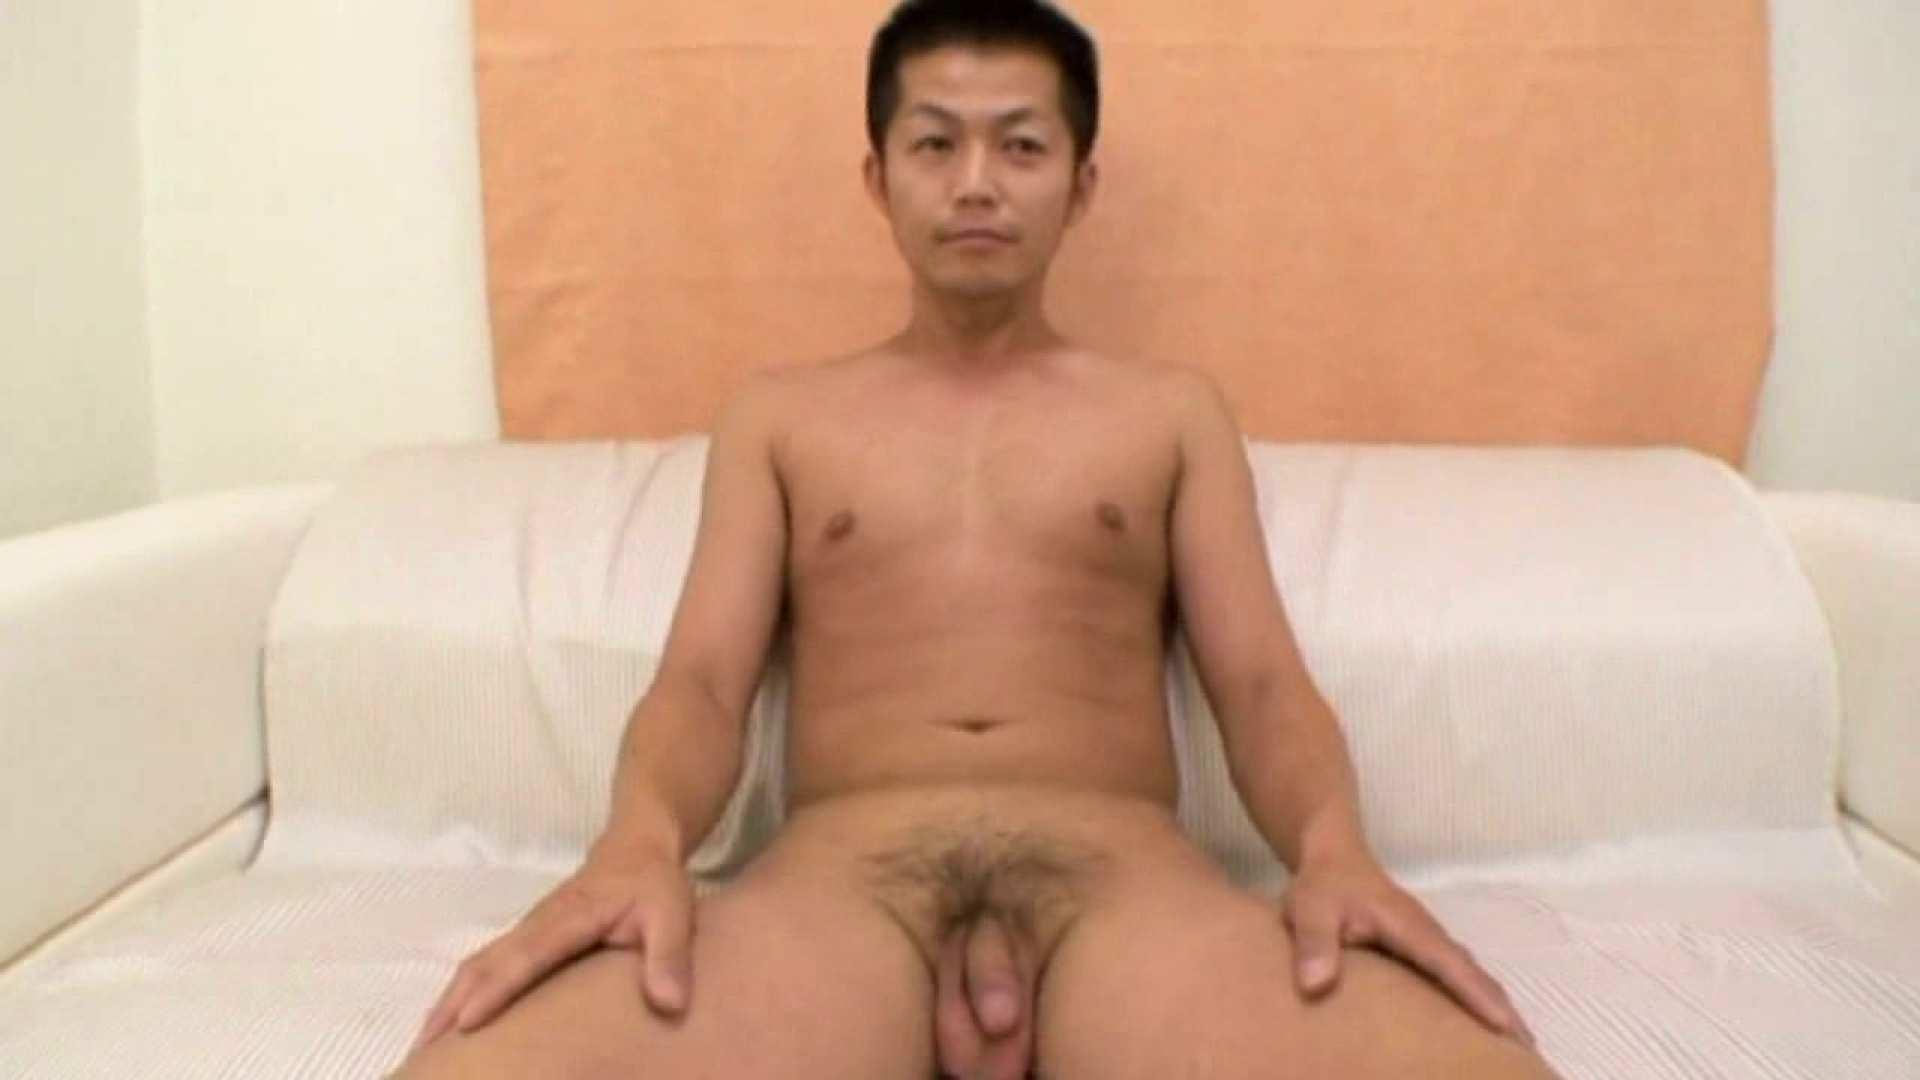 イケメン男子!盛りだくさん! うす消したまらん | マッチョボディ ゲイ肛門画像 60pic 29